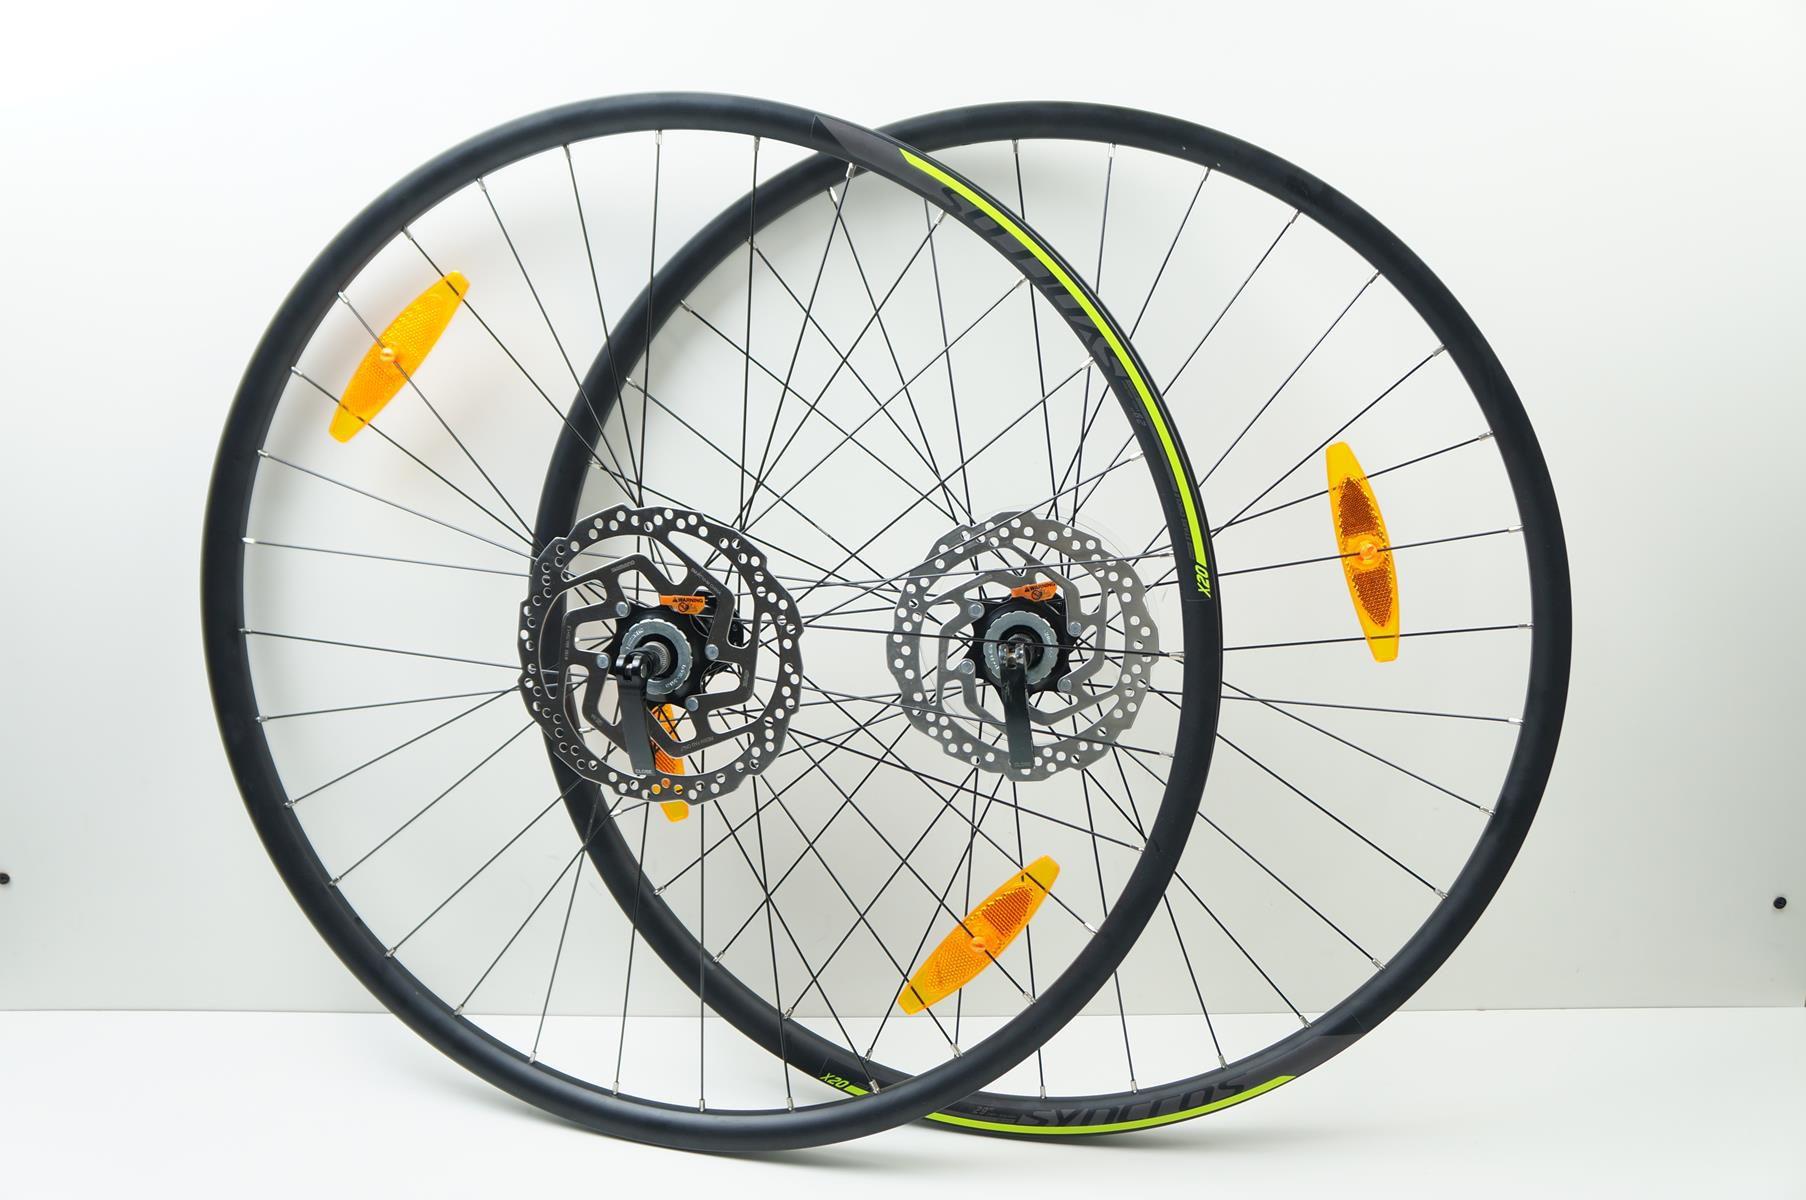 Rodas Syncros X20 Disc Aro 29 Alumino Eixo 9 Preta com DIscos Shimano